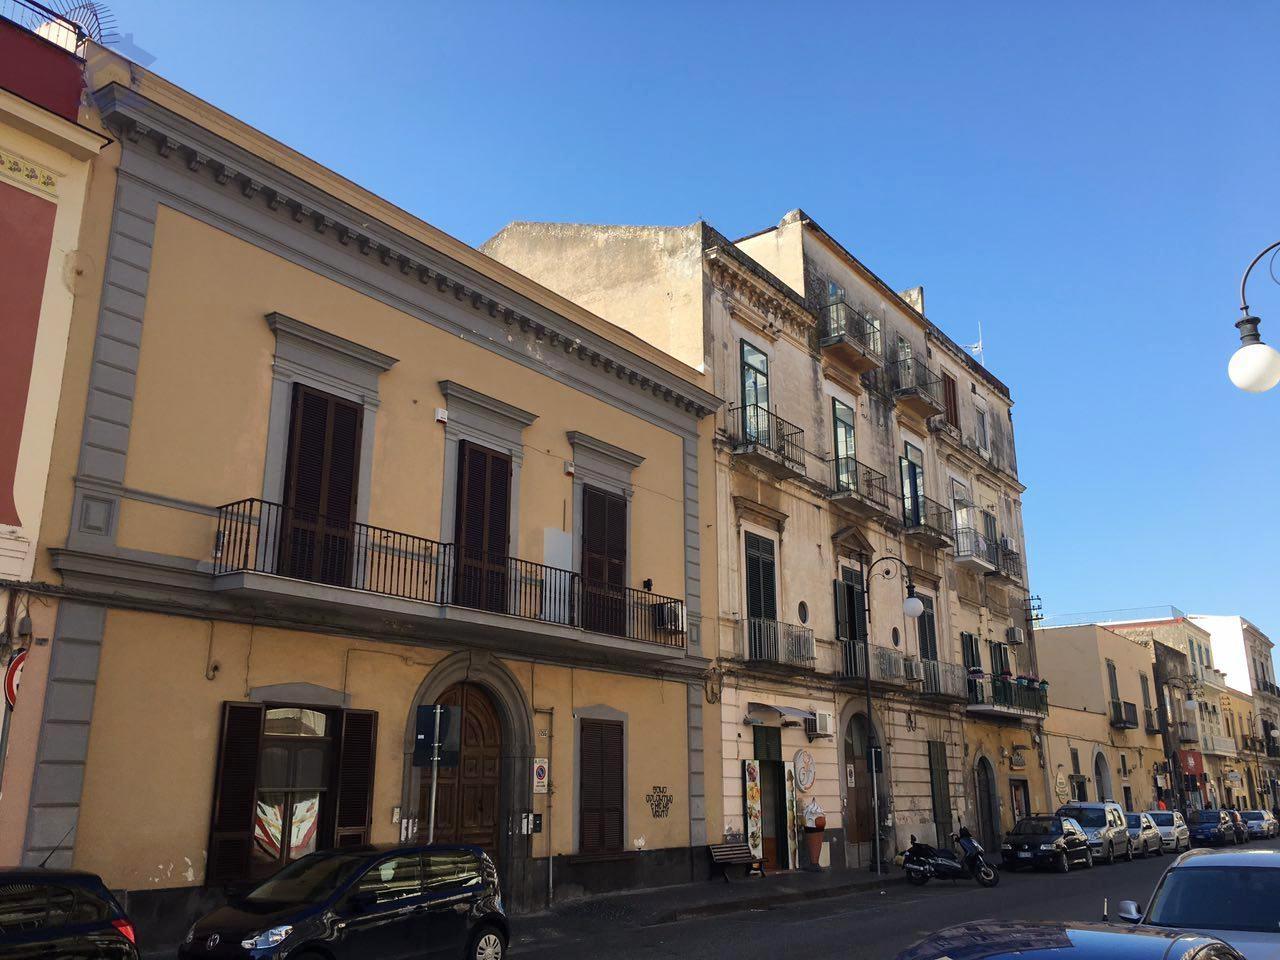 Appartamento in affitto a Torre Annunziata, 2 locali, zona Località: nord, prezzo € 600 | Cambio Casa.it